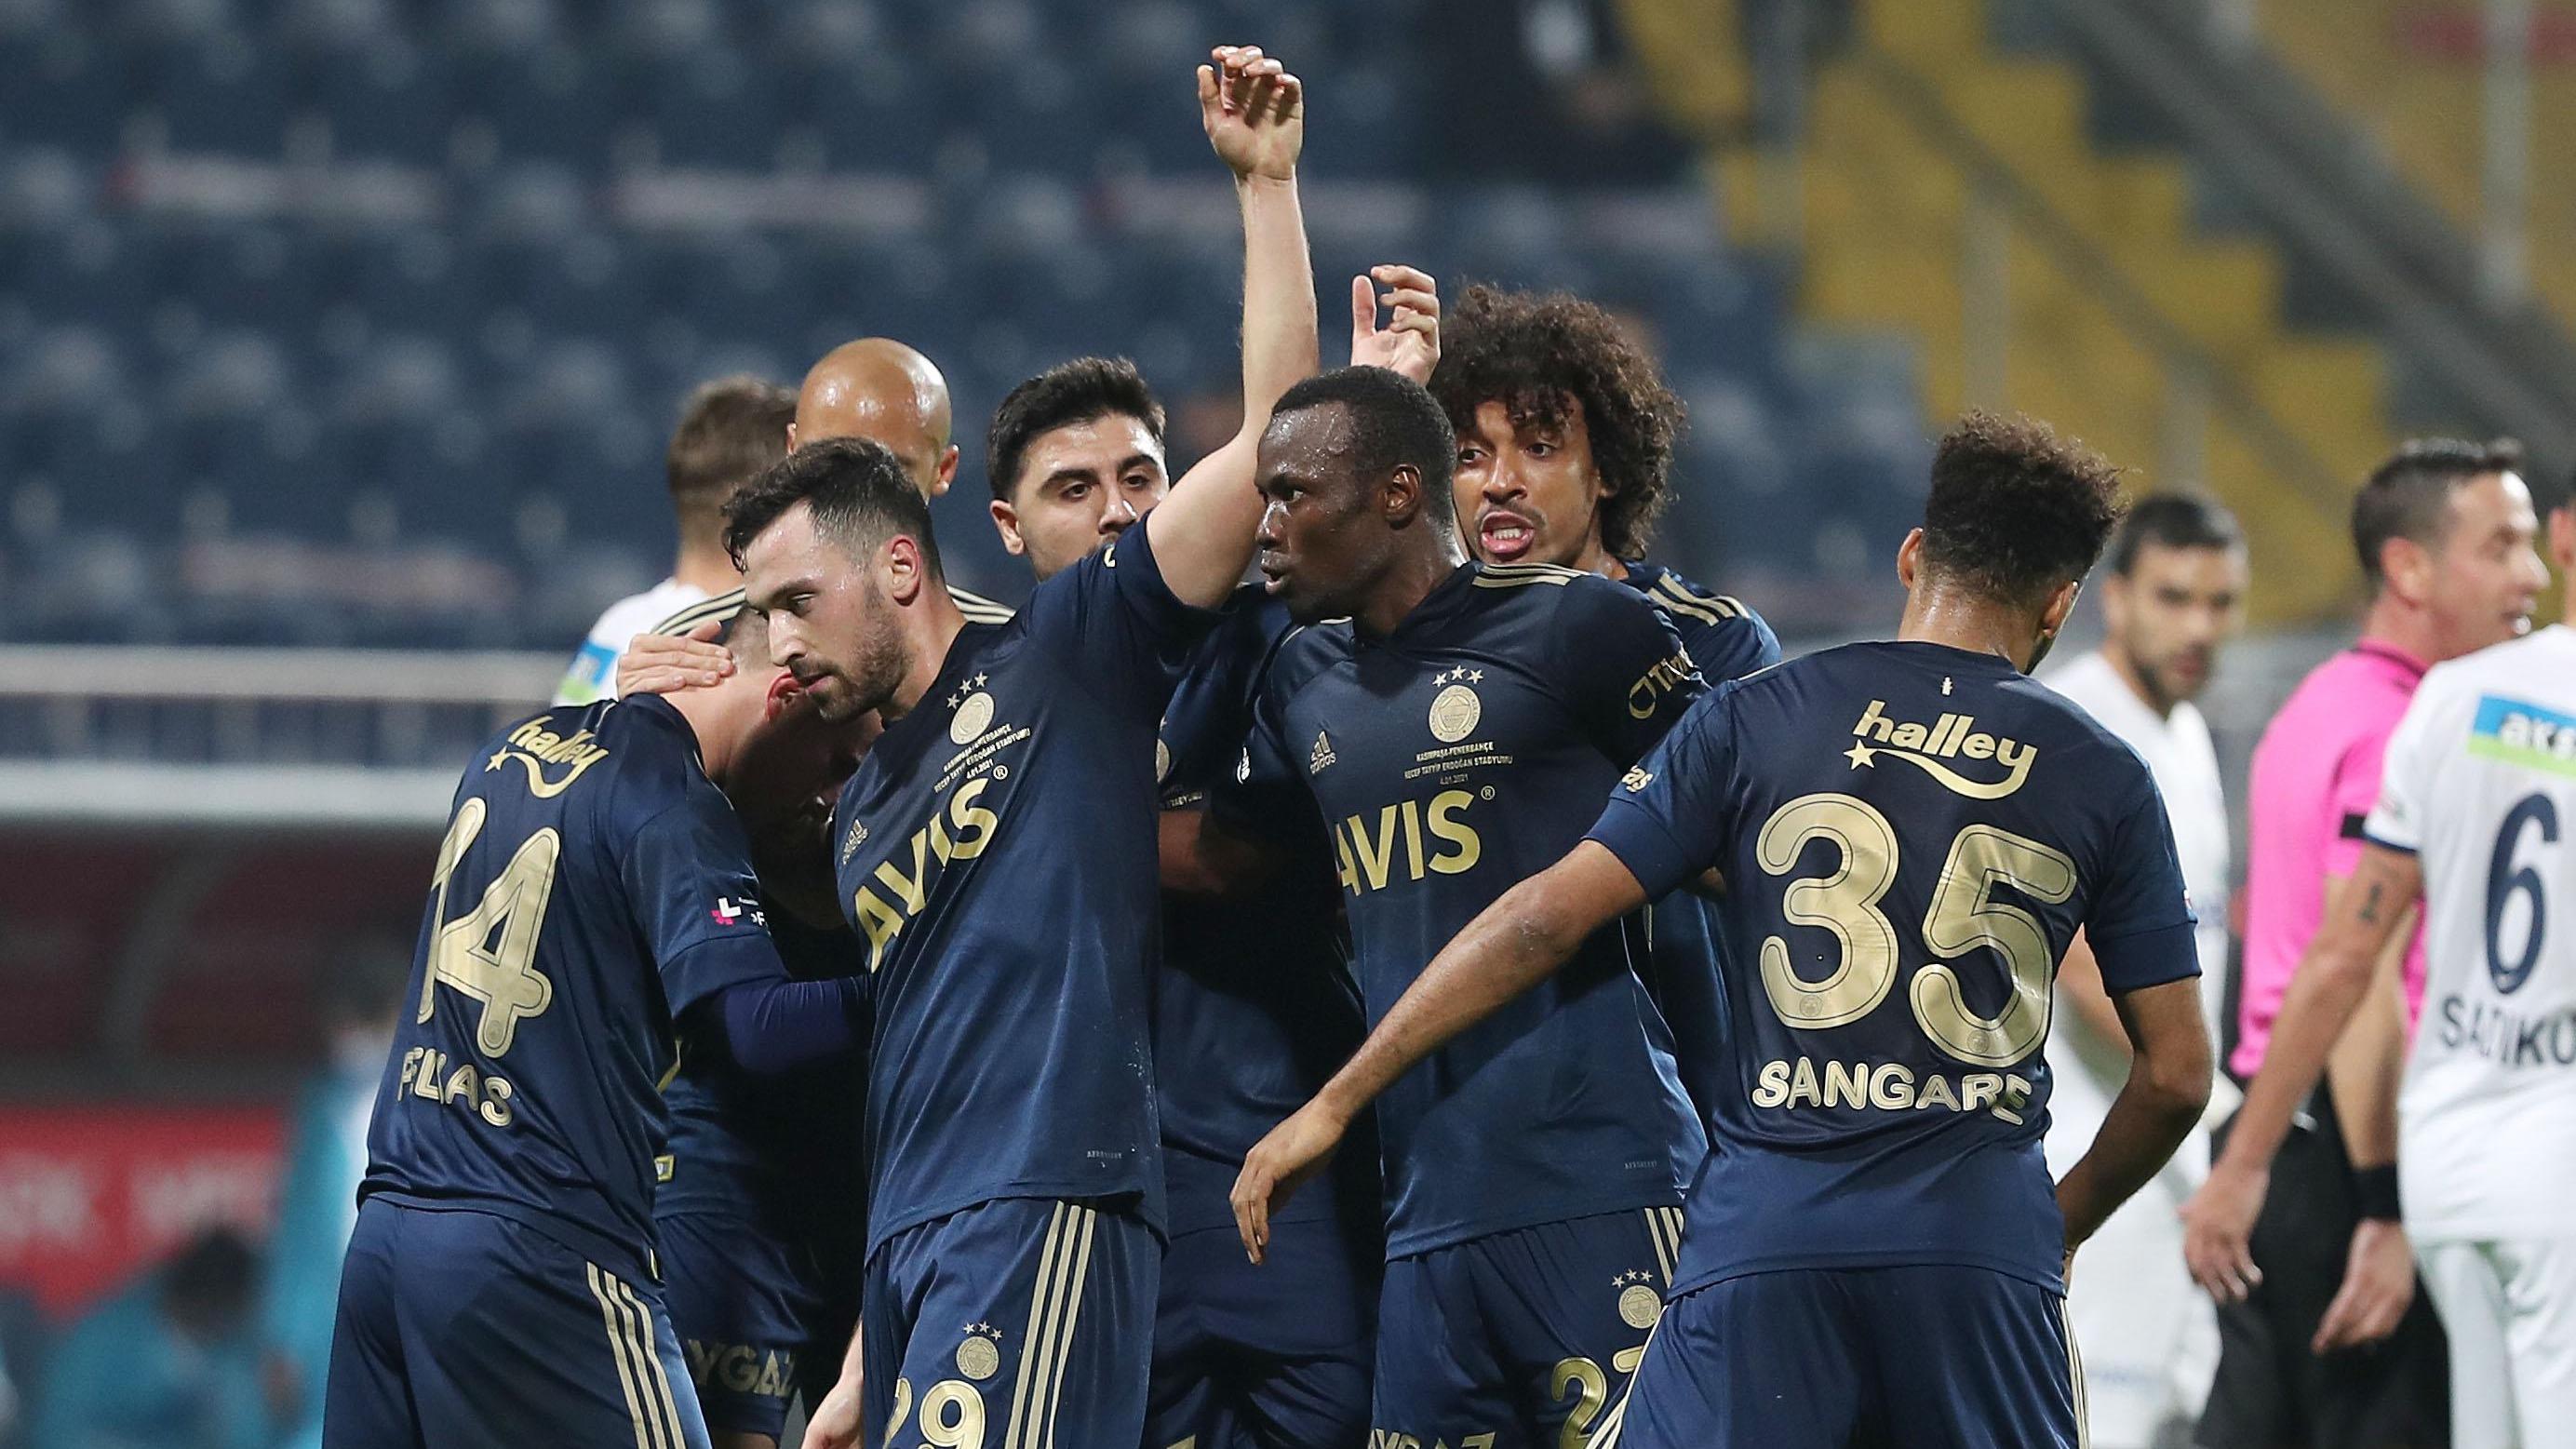 Fotoğraflarla Kasımpaşa - Fenerbahçe maçı!